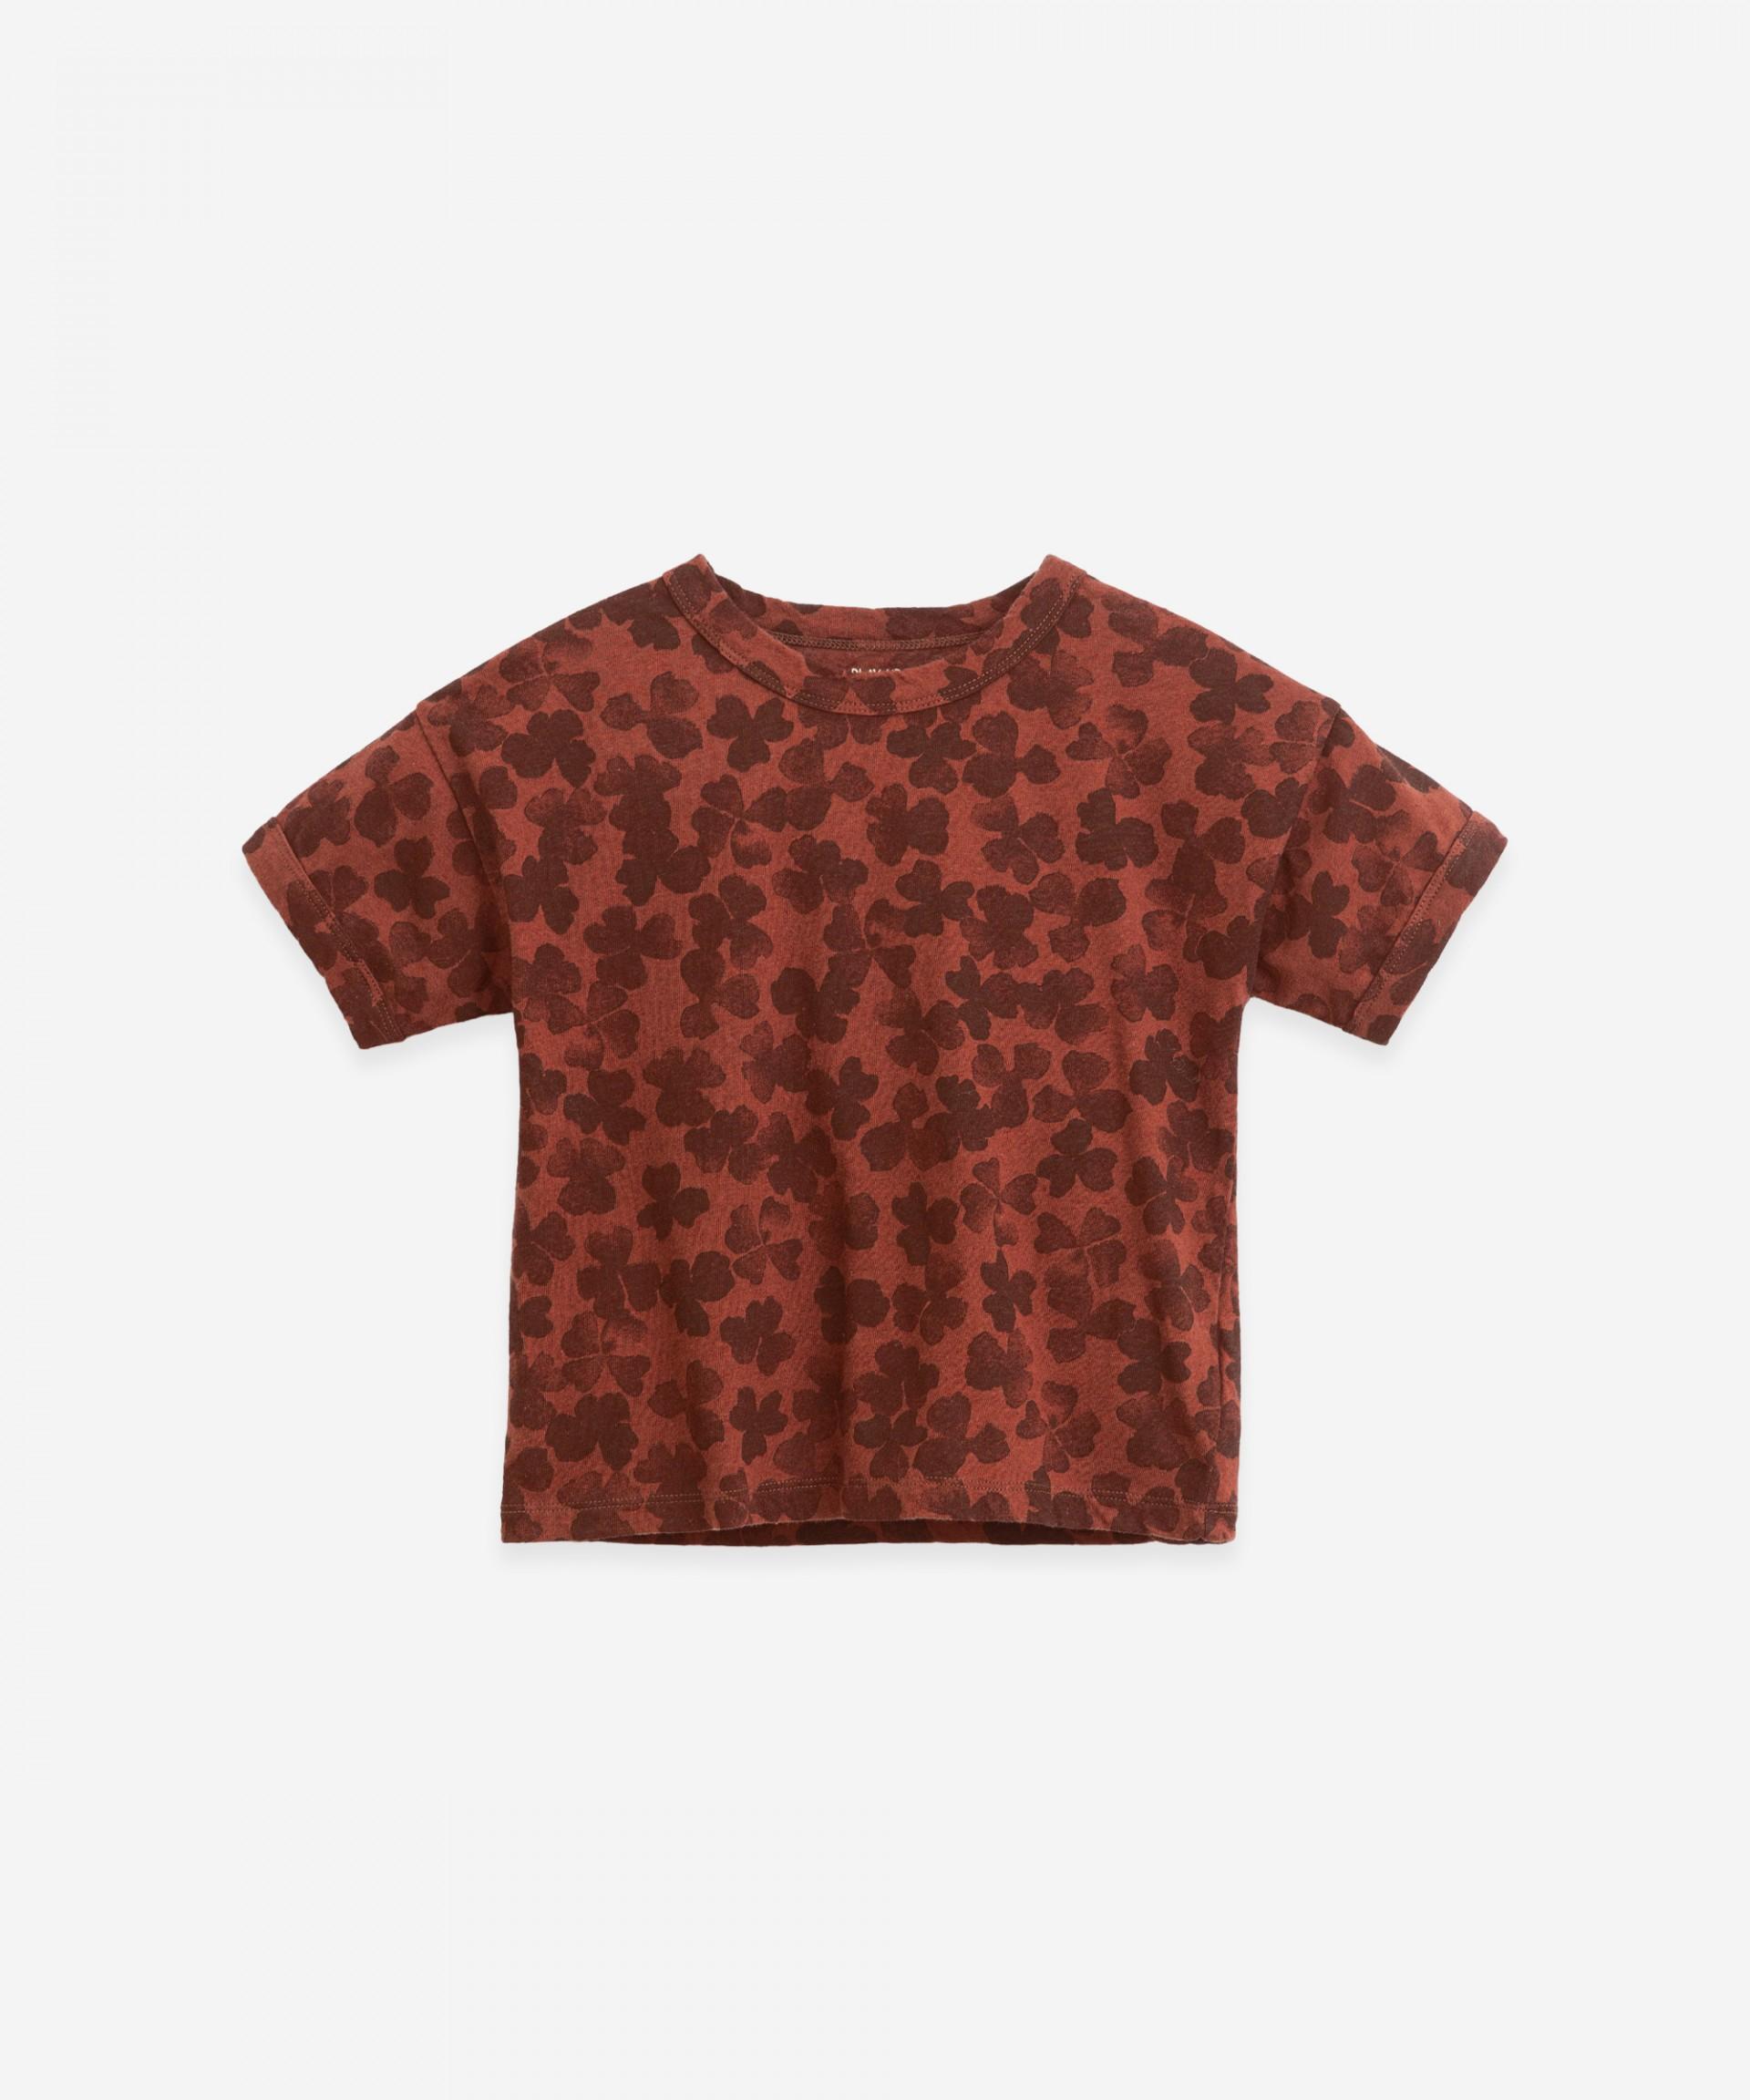 T-shirt com estampado de trevos | Botany